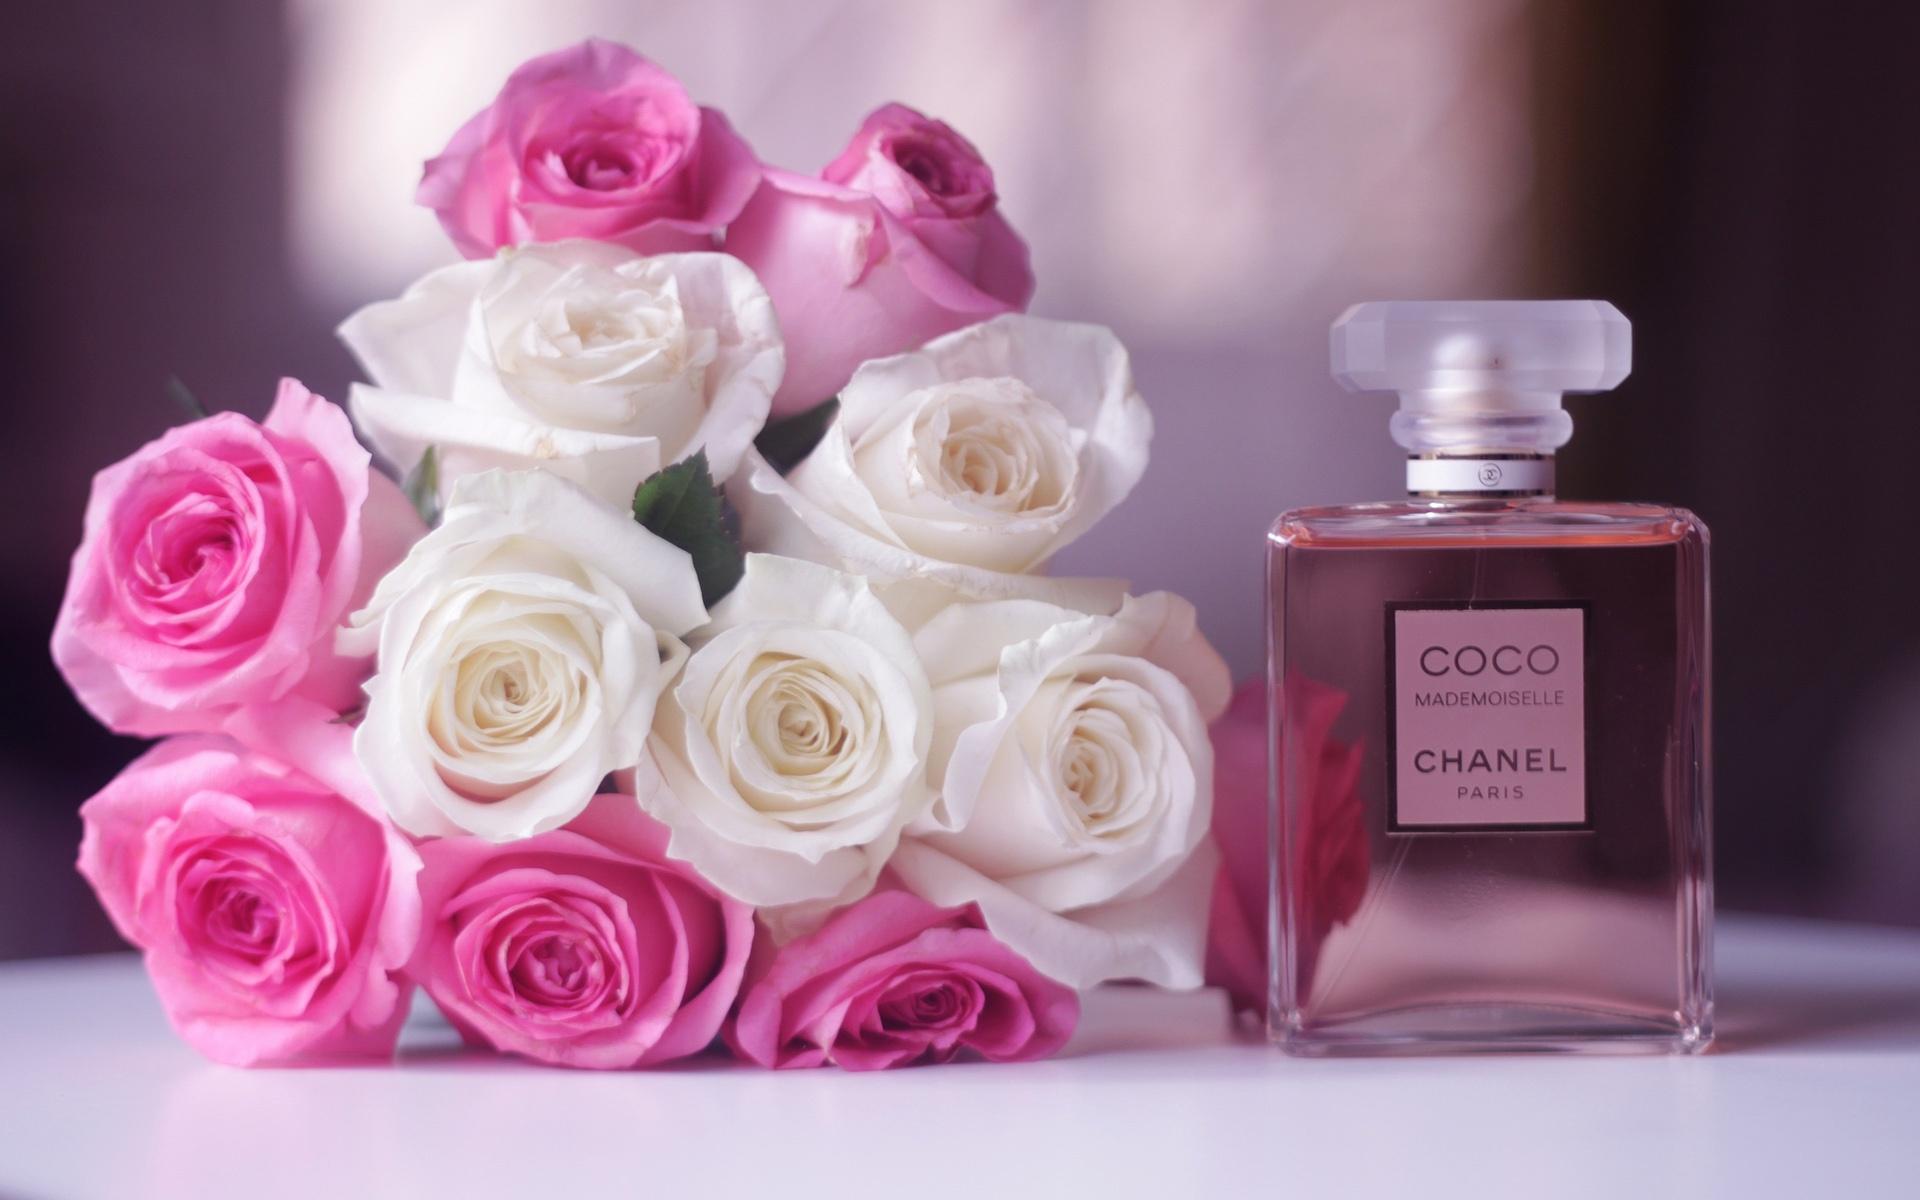 chanel coco mademoiselle parfum, blanc et rose fleurs fonds d